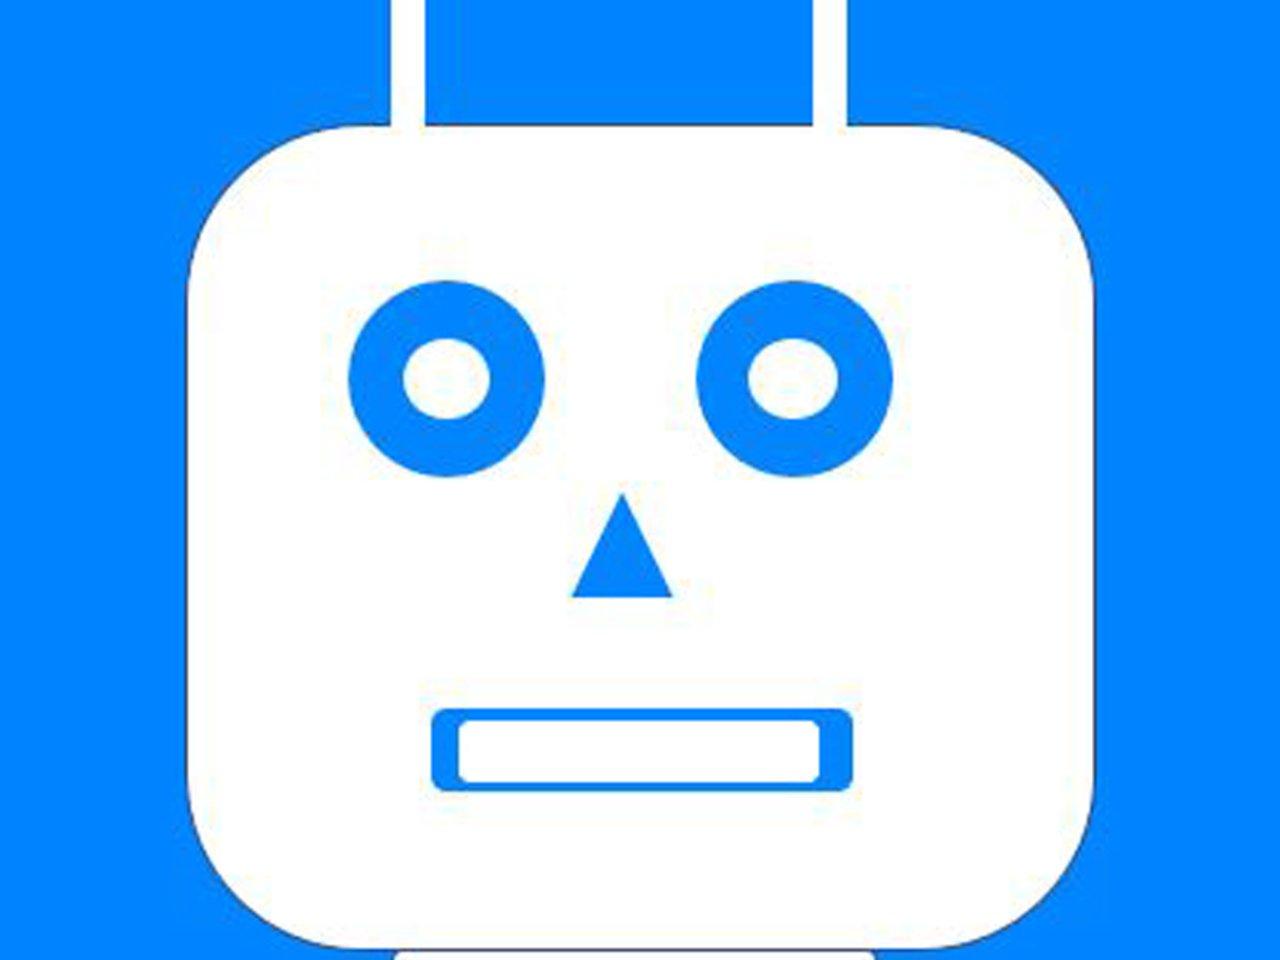 GNDU Bot